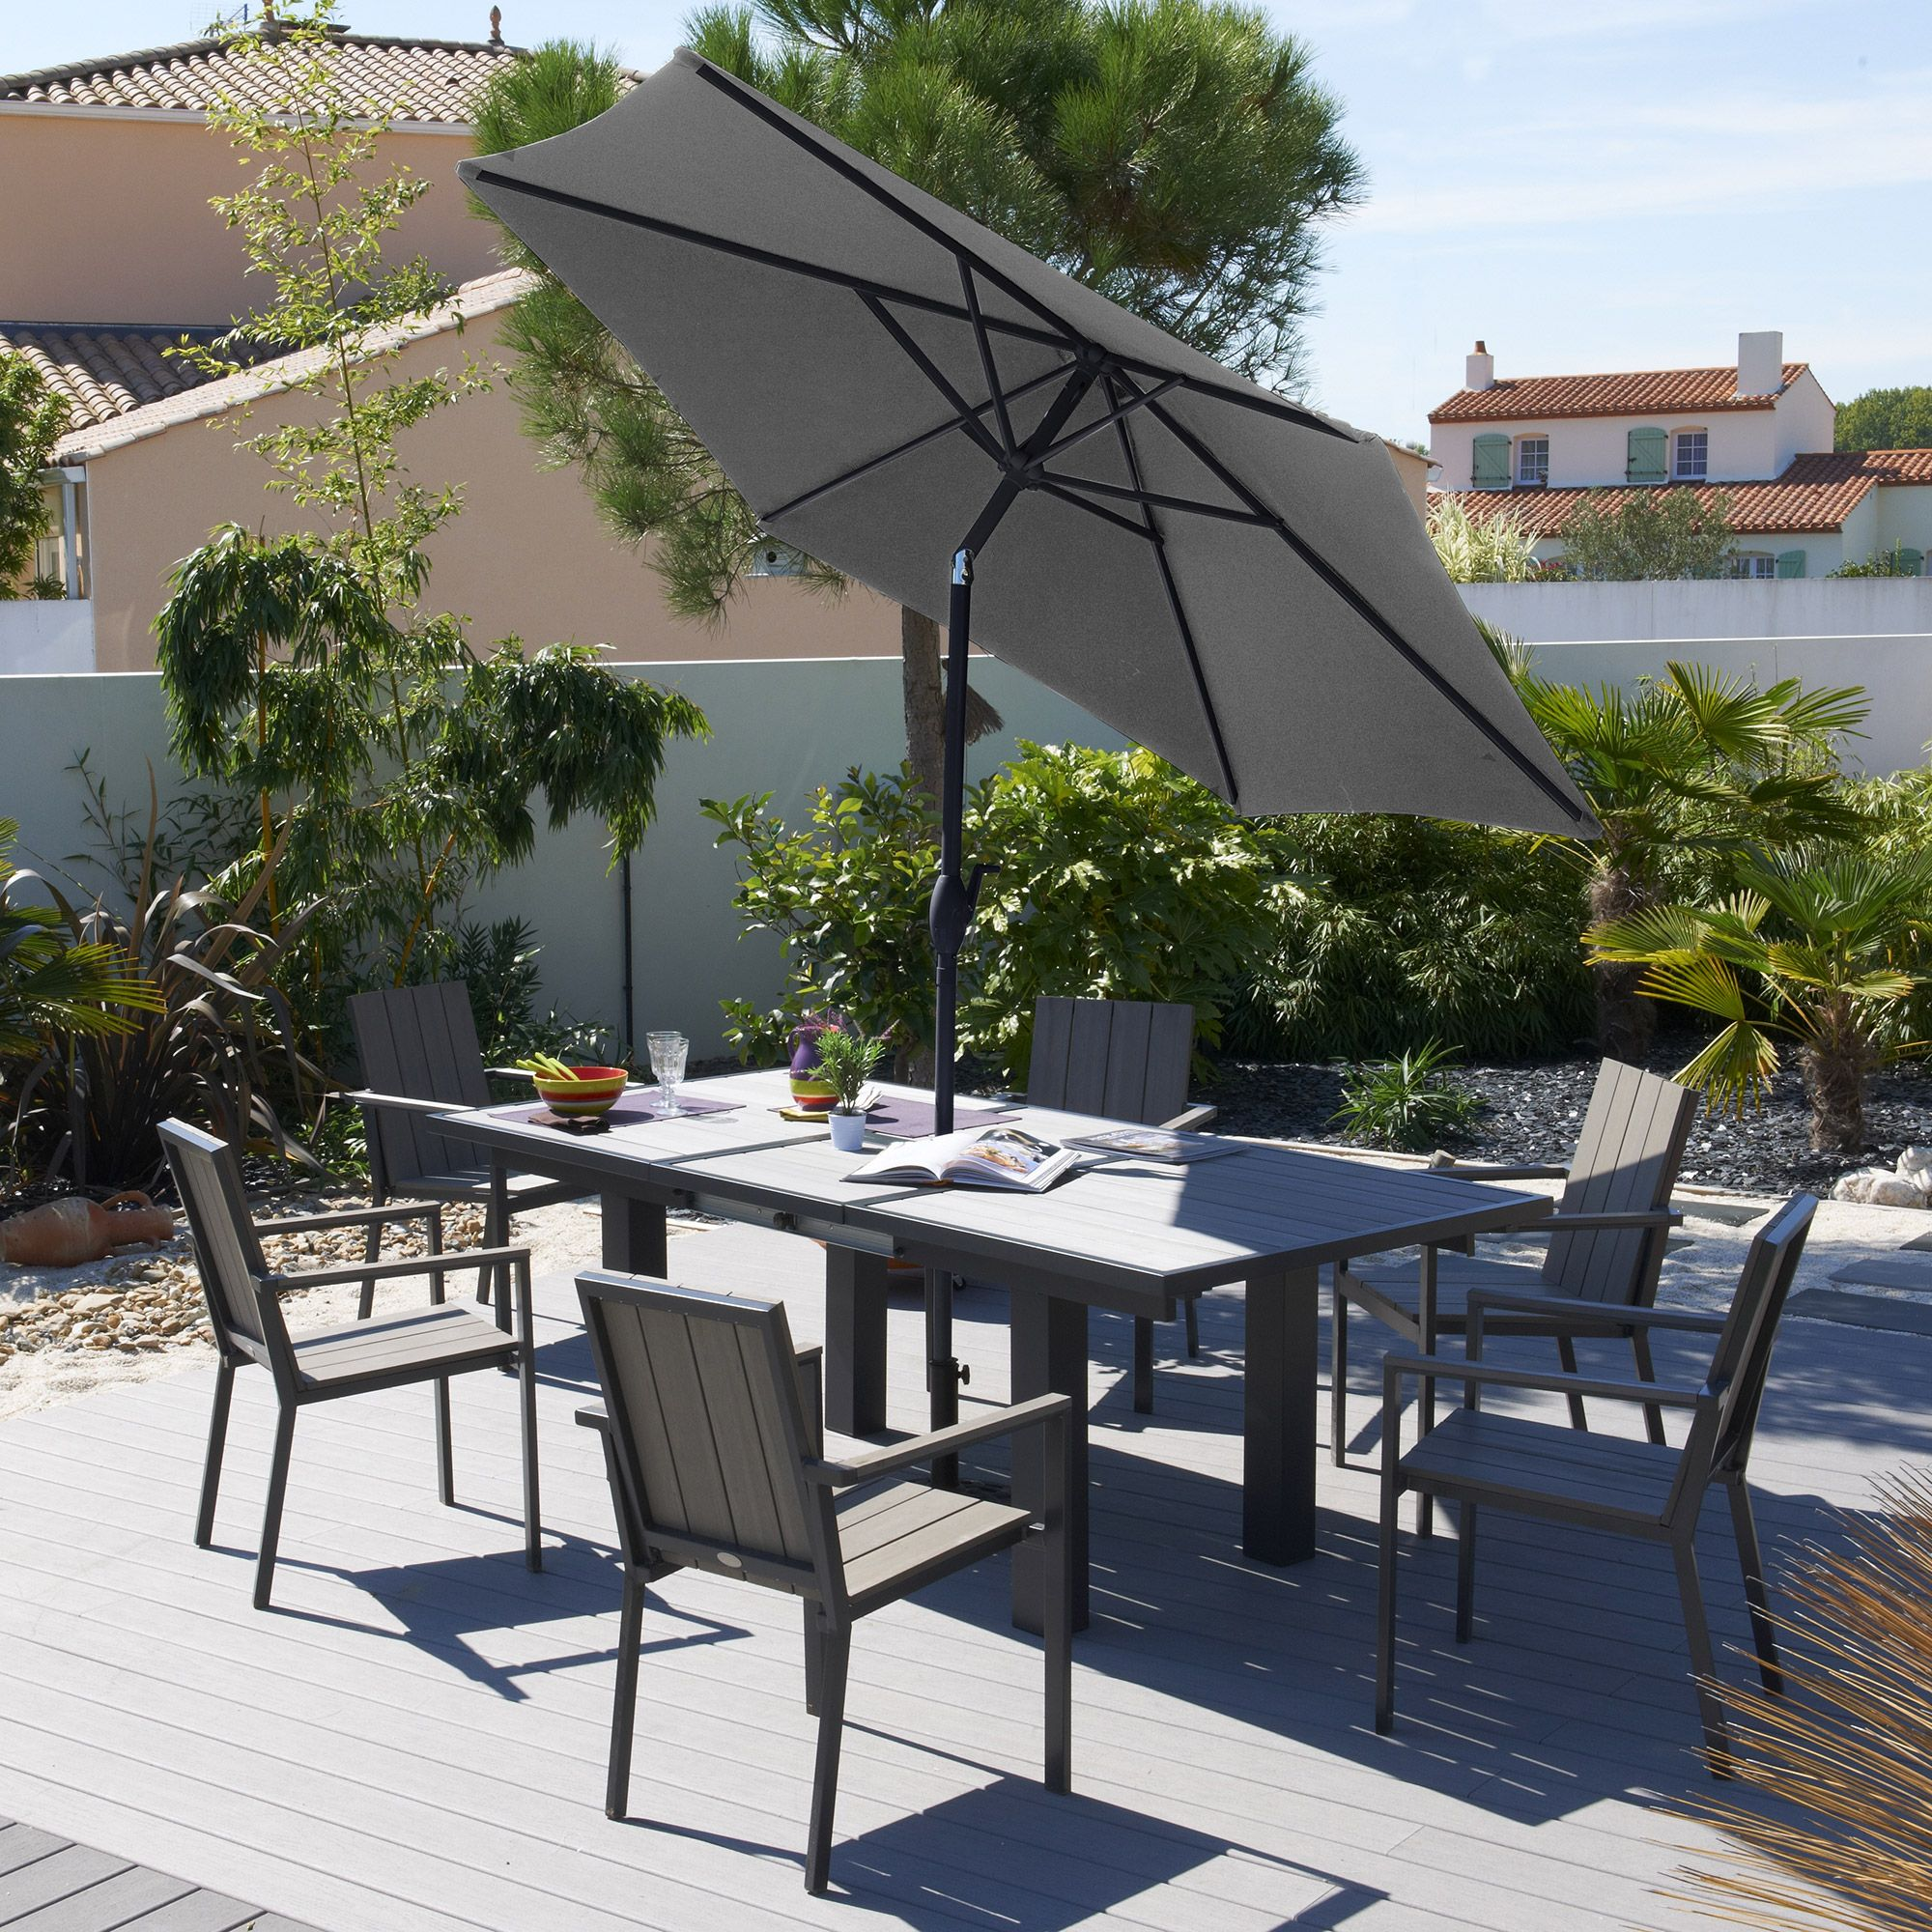 Parfait pour cet été ! Salon jardin 6 places aluminium / bois ...